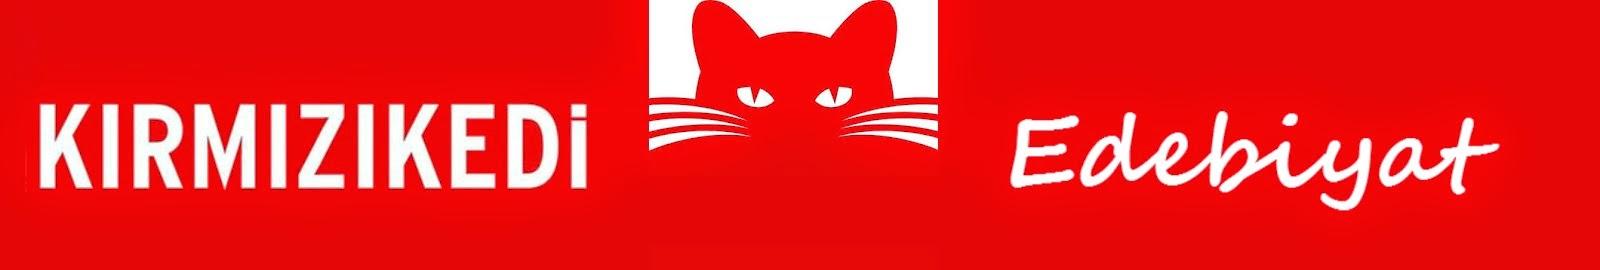 Kırmızı Kedi Edebiyat